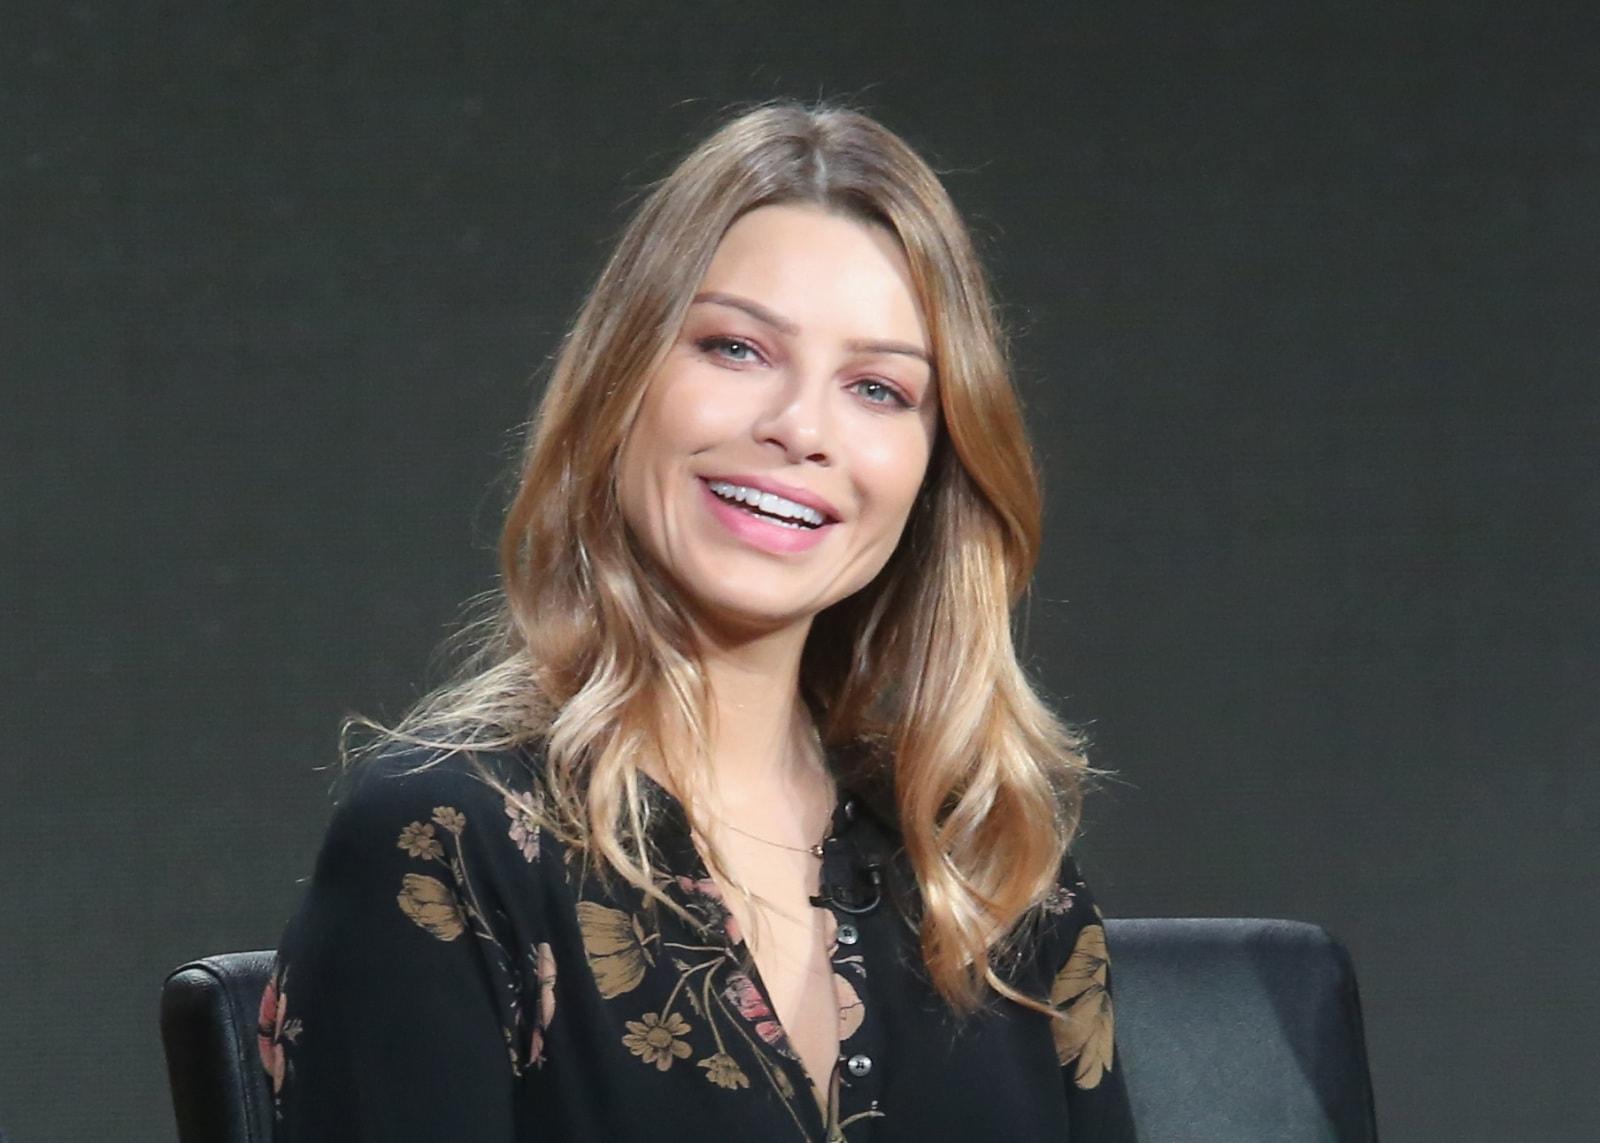 Lauren alemán